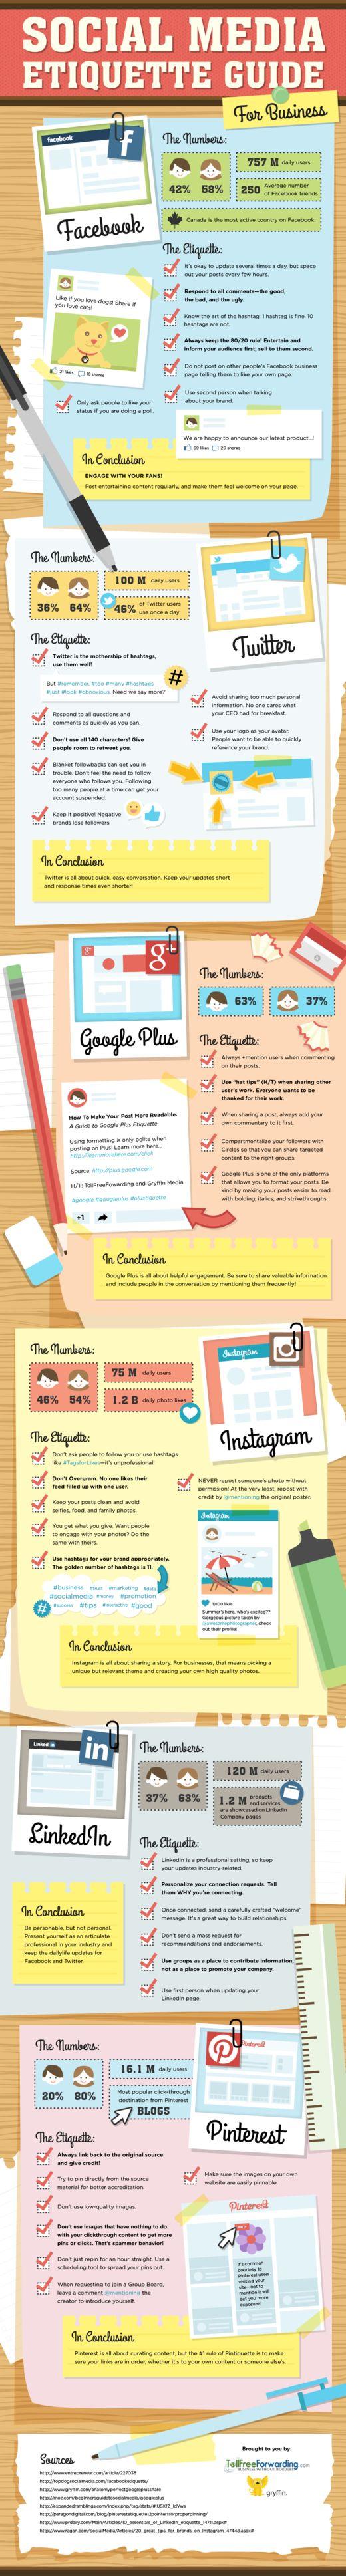 Social Media Etiquette Guide for Business